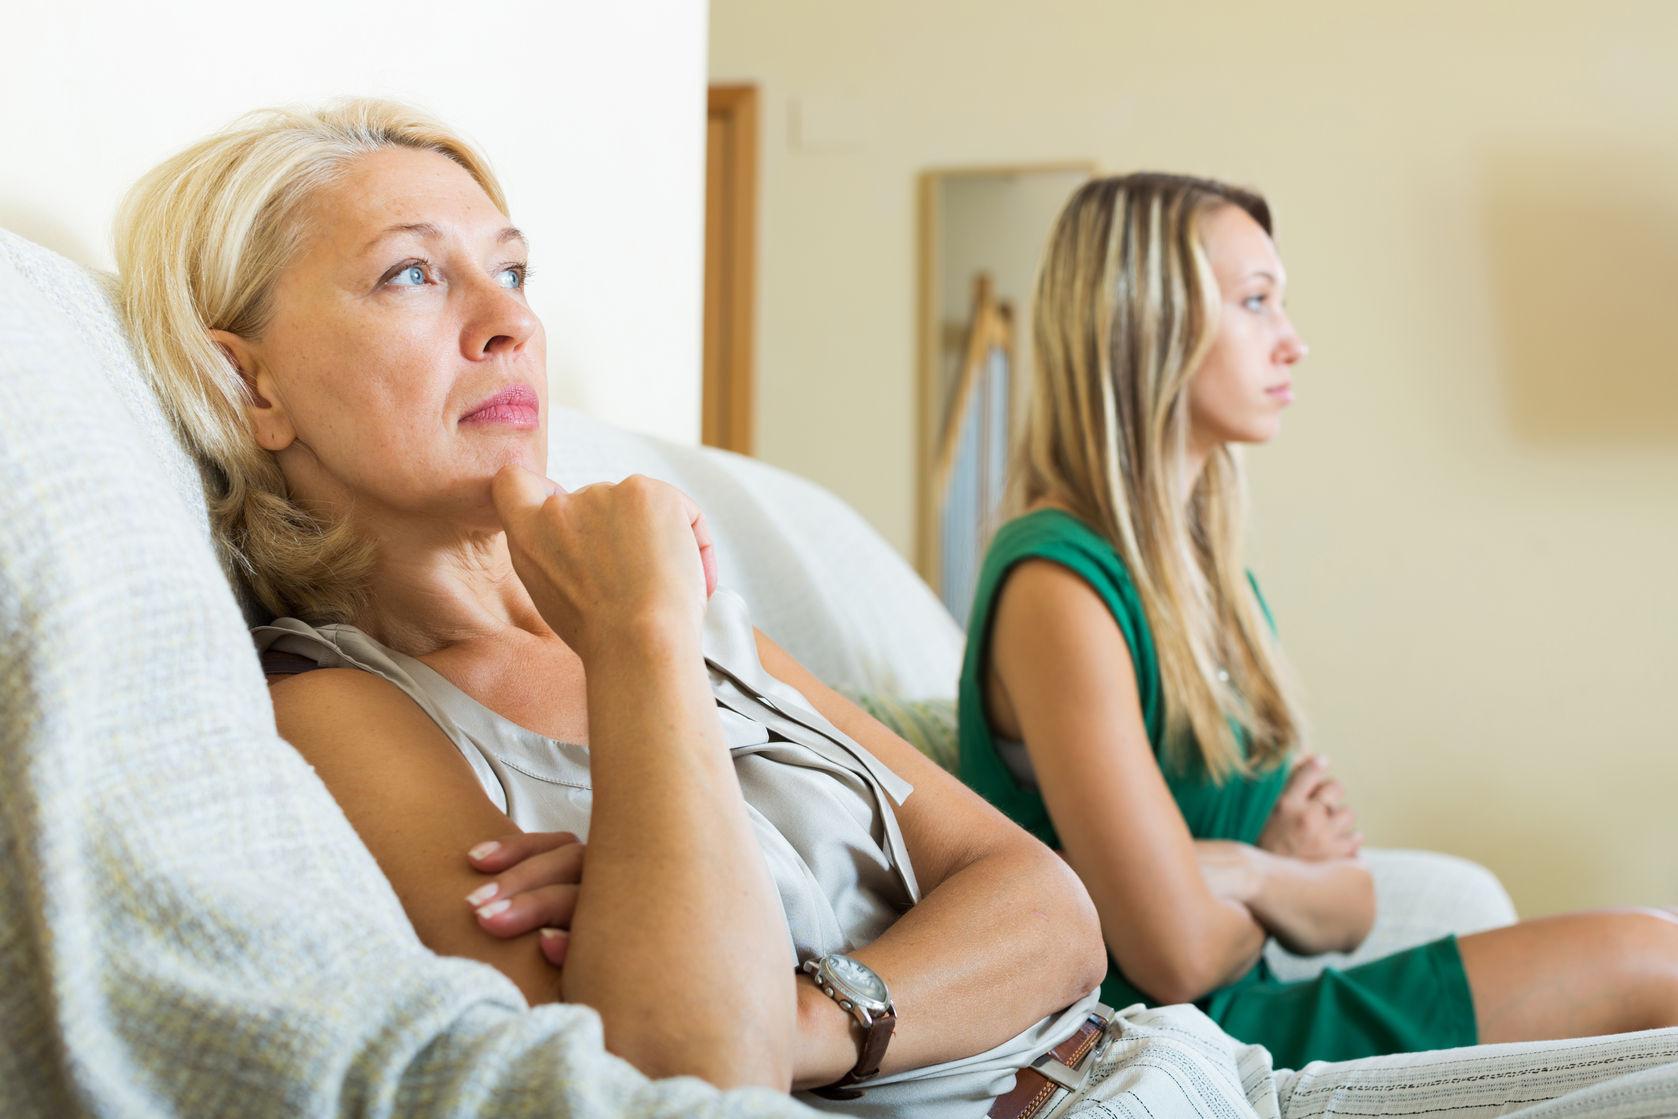 moja mama umawia się z żonatym mężczyzną Portal randkowy llc